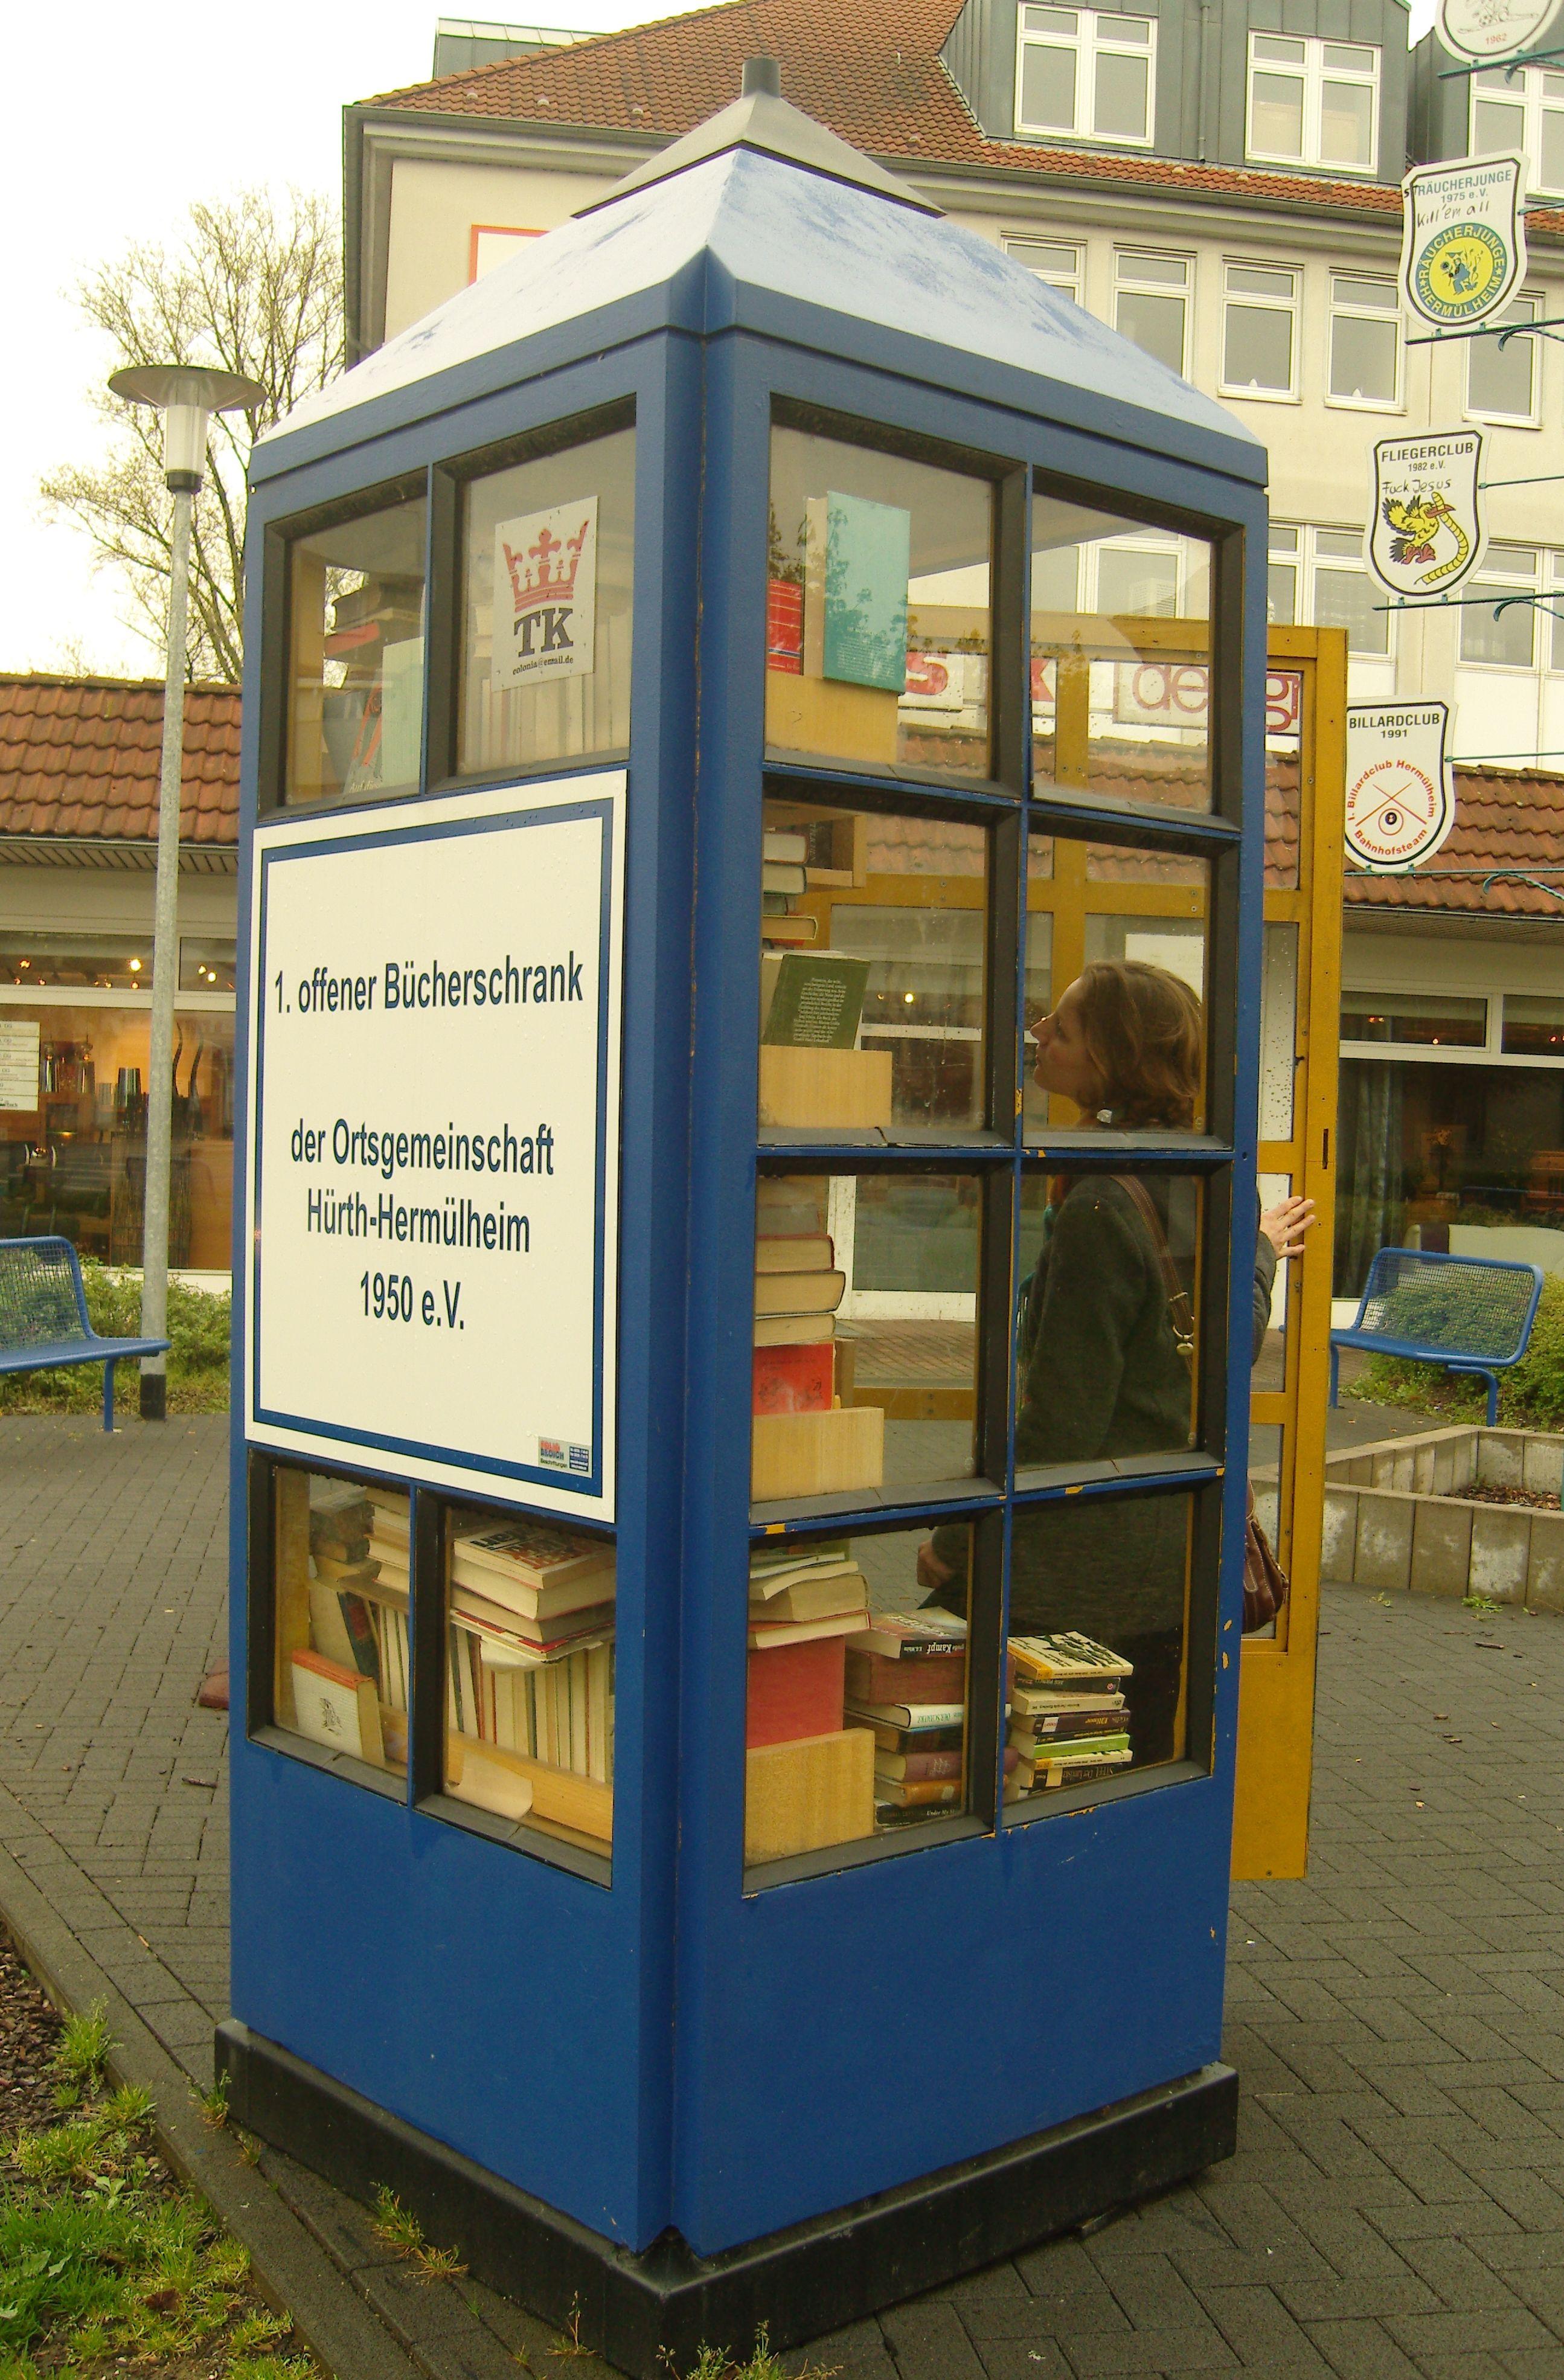 bookcrossing 1 offener b cherschrank in der gemeinde h rth herm lheim mit leserin der. Black Bedroom Furniture Sets. Home Design Ideas